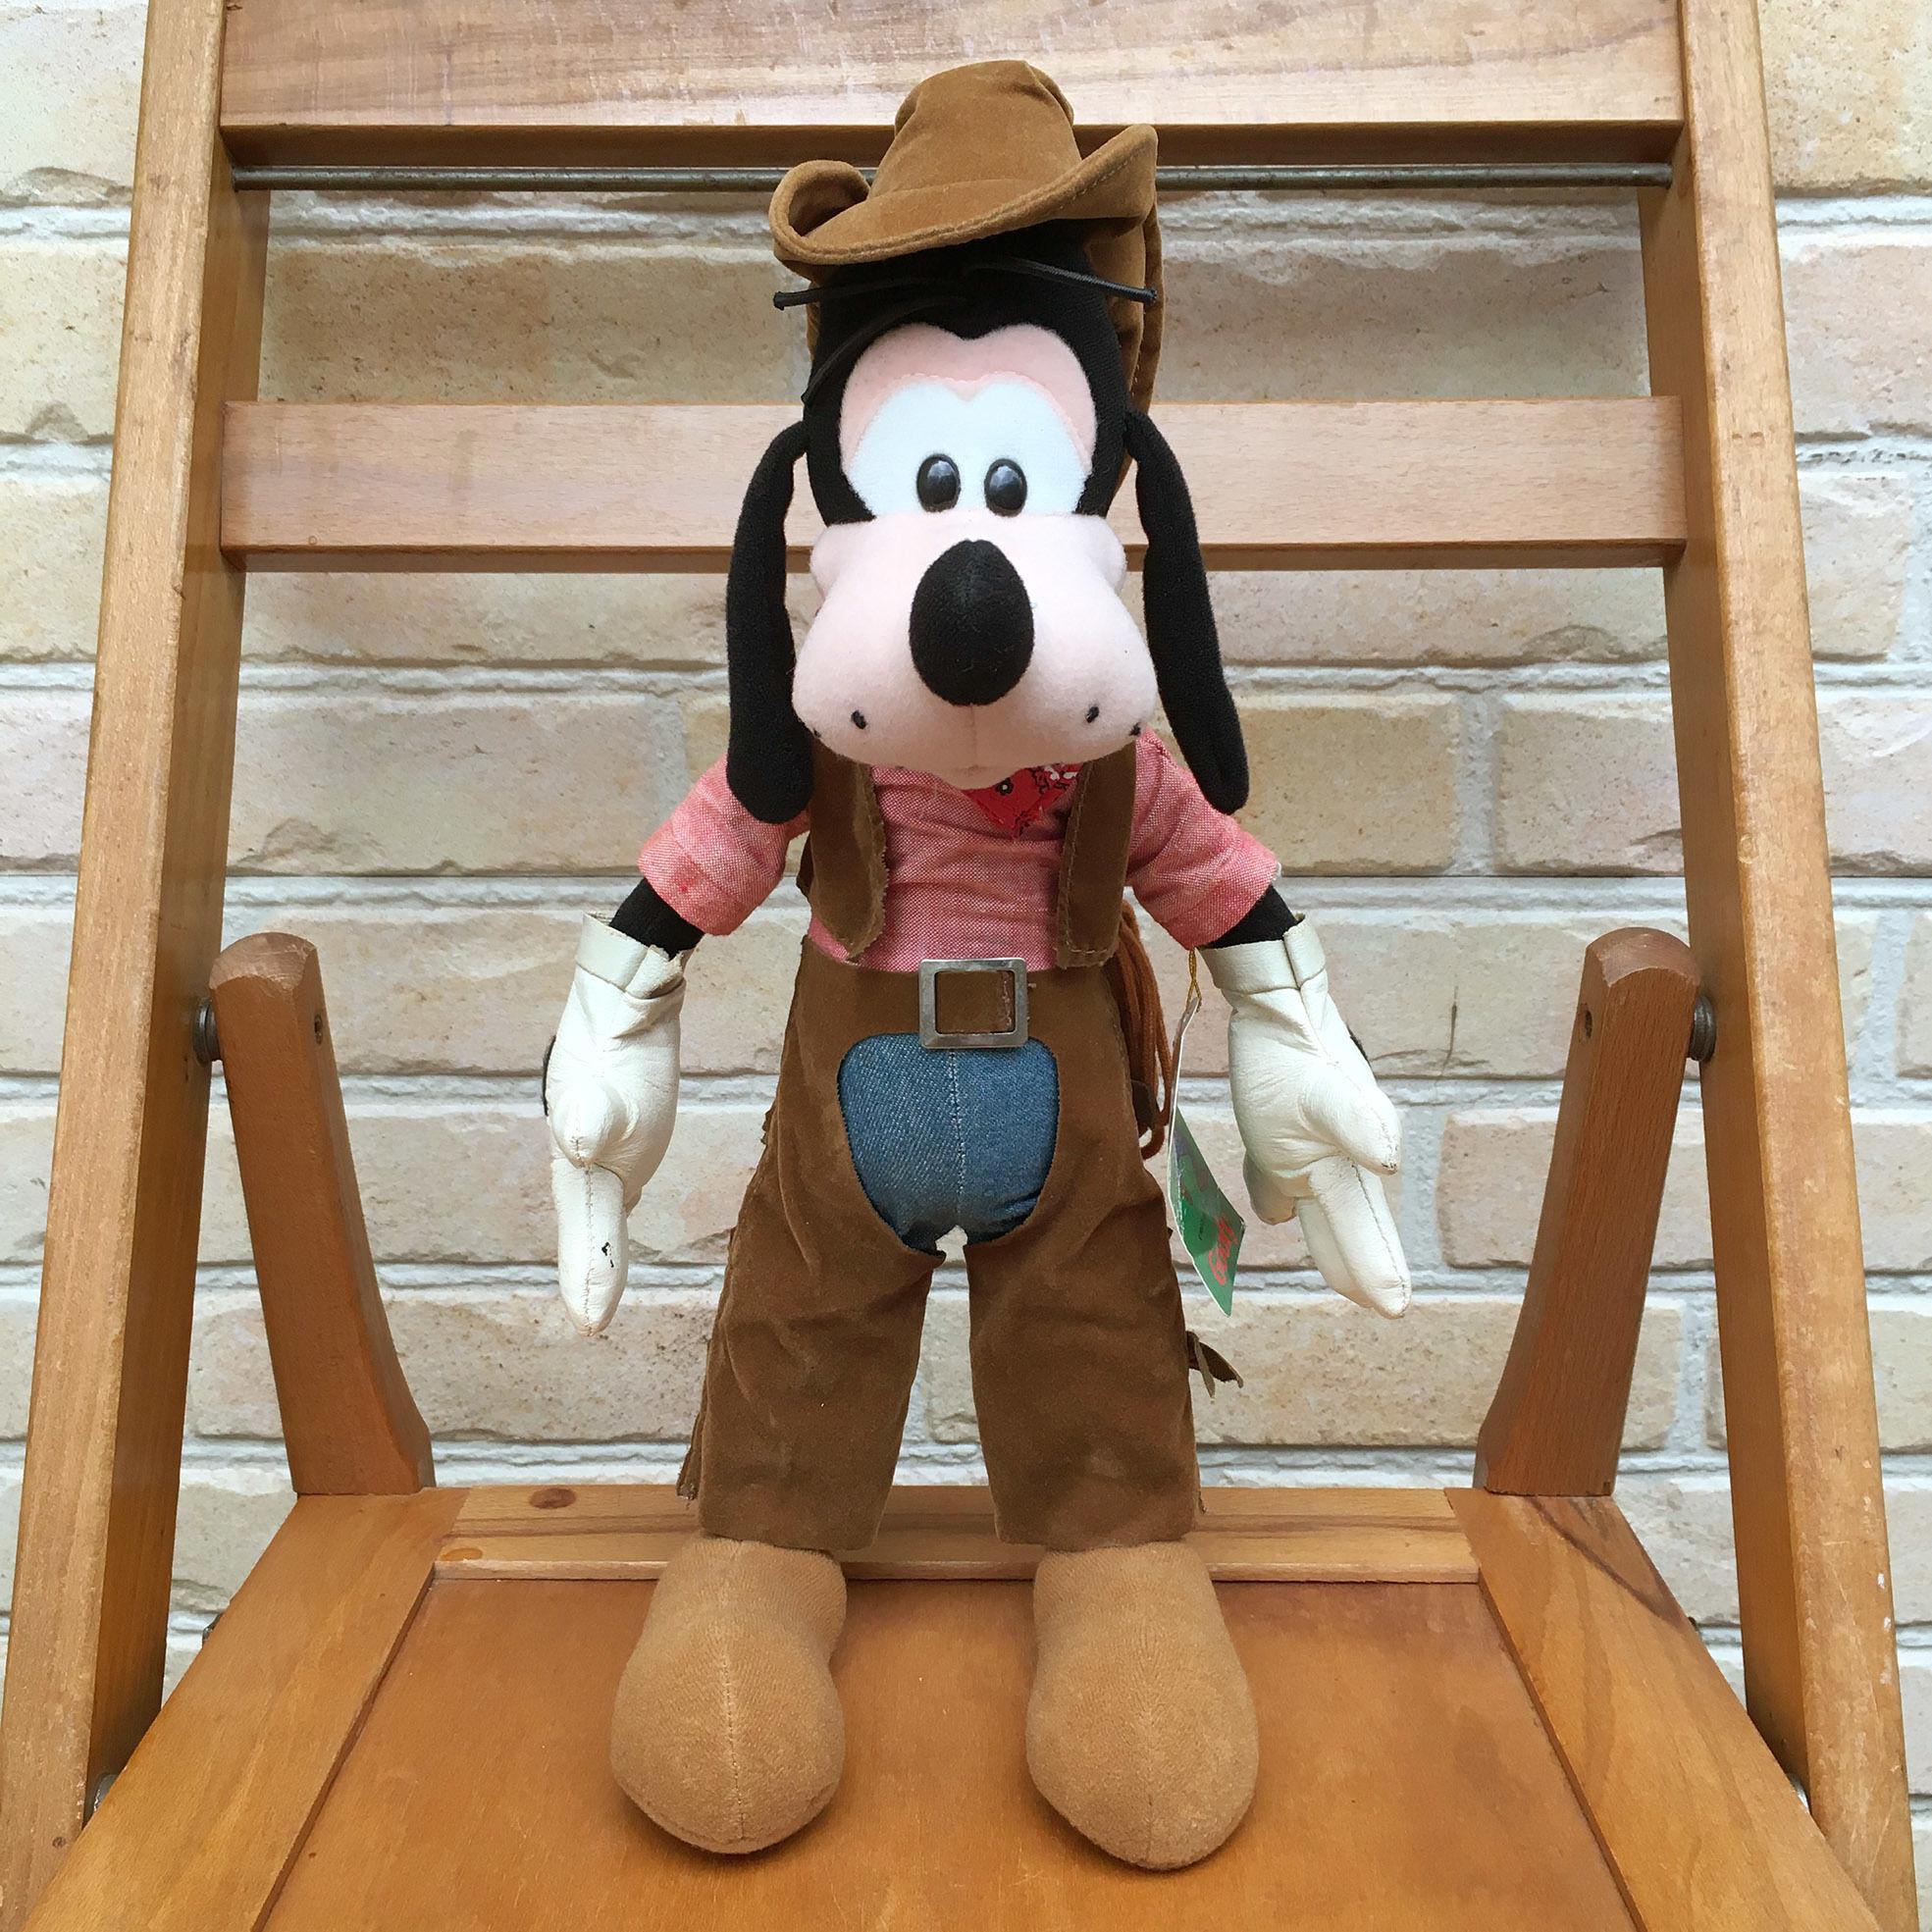 Disney Goofy Bendable Plush Doll/ディズニー グーフィー ベンダブルぬいぐるみ/171008-7